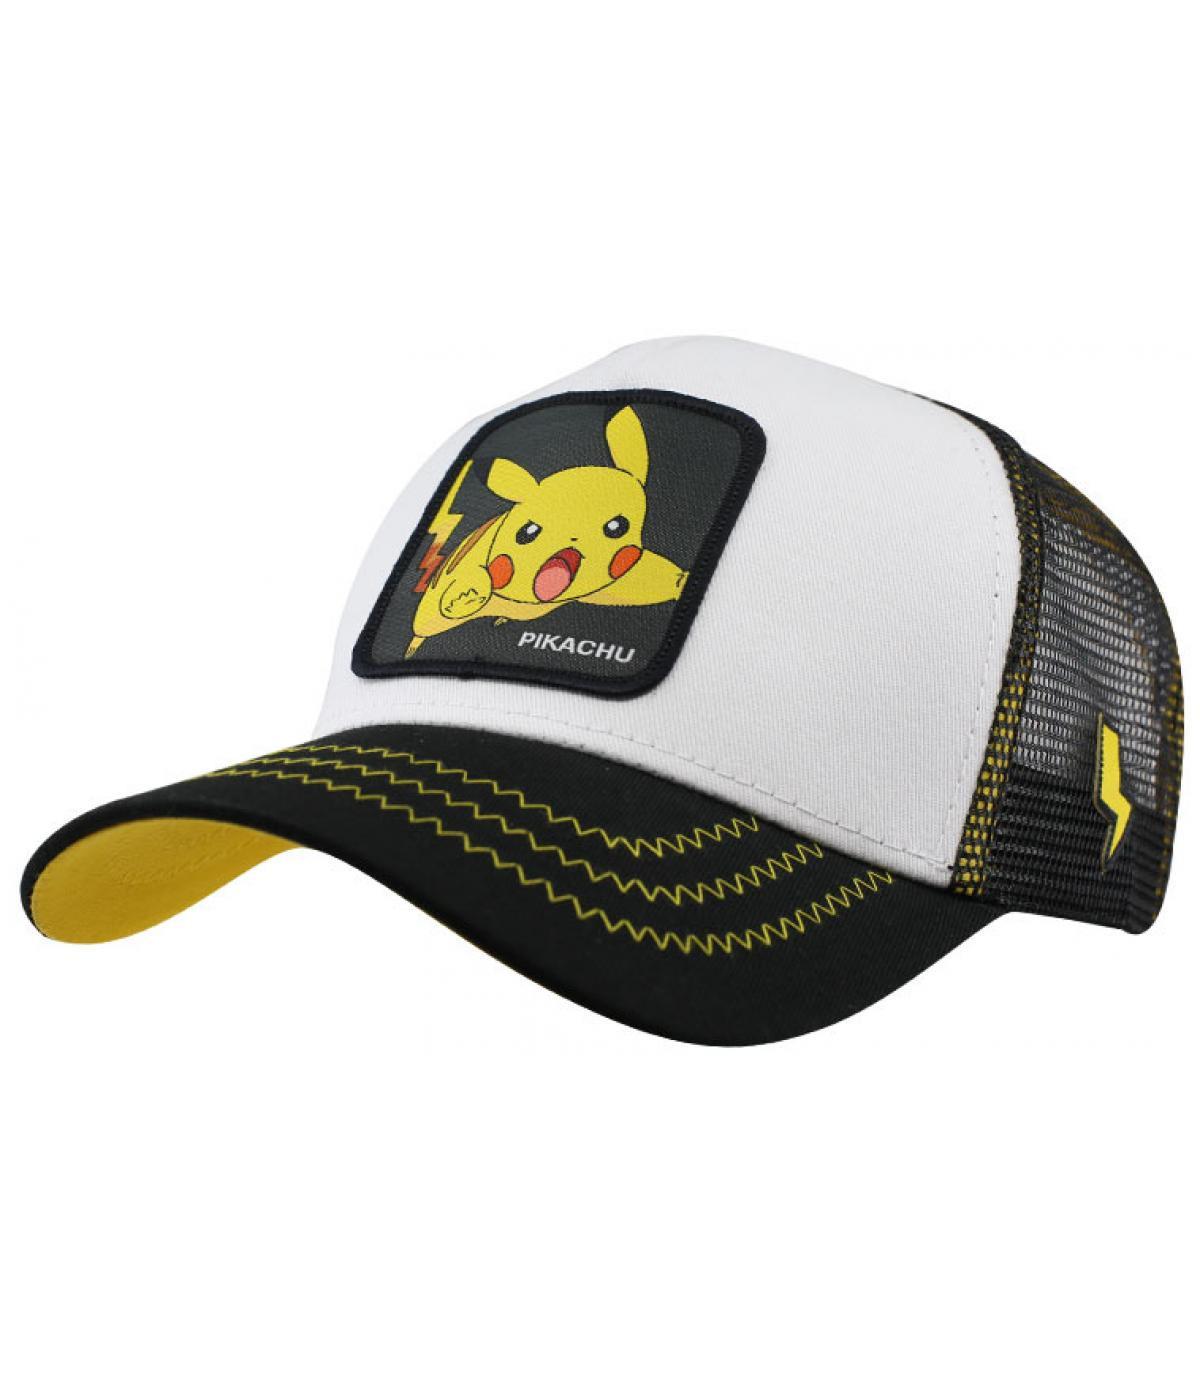 Dettagli Trucker Pokmeon Pikachu - image 2